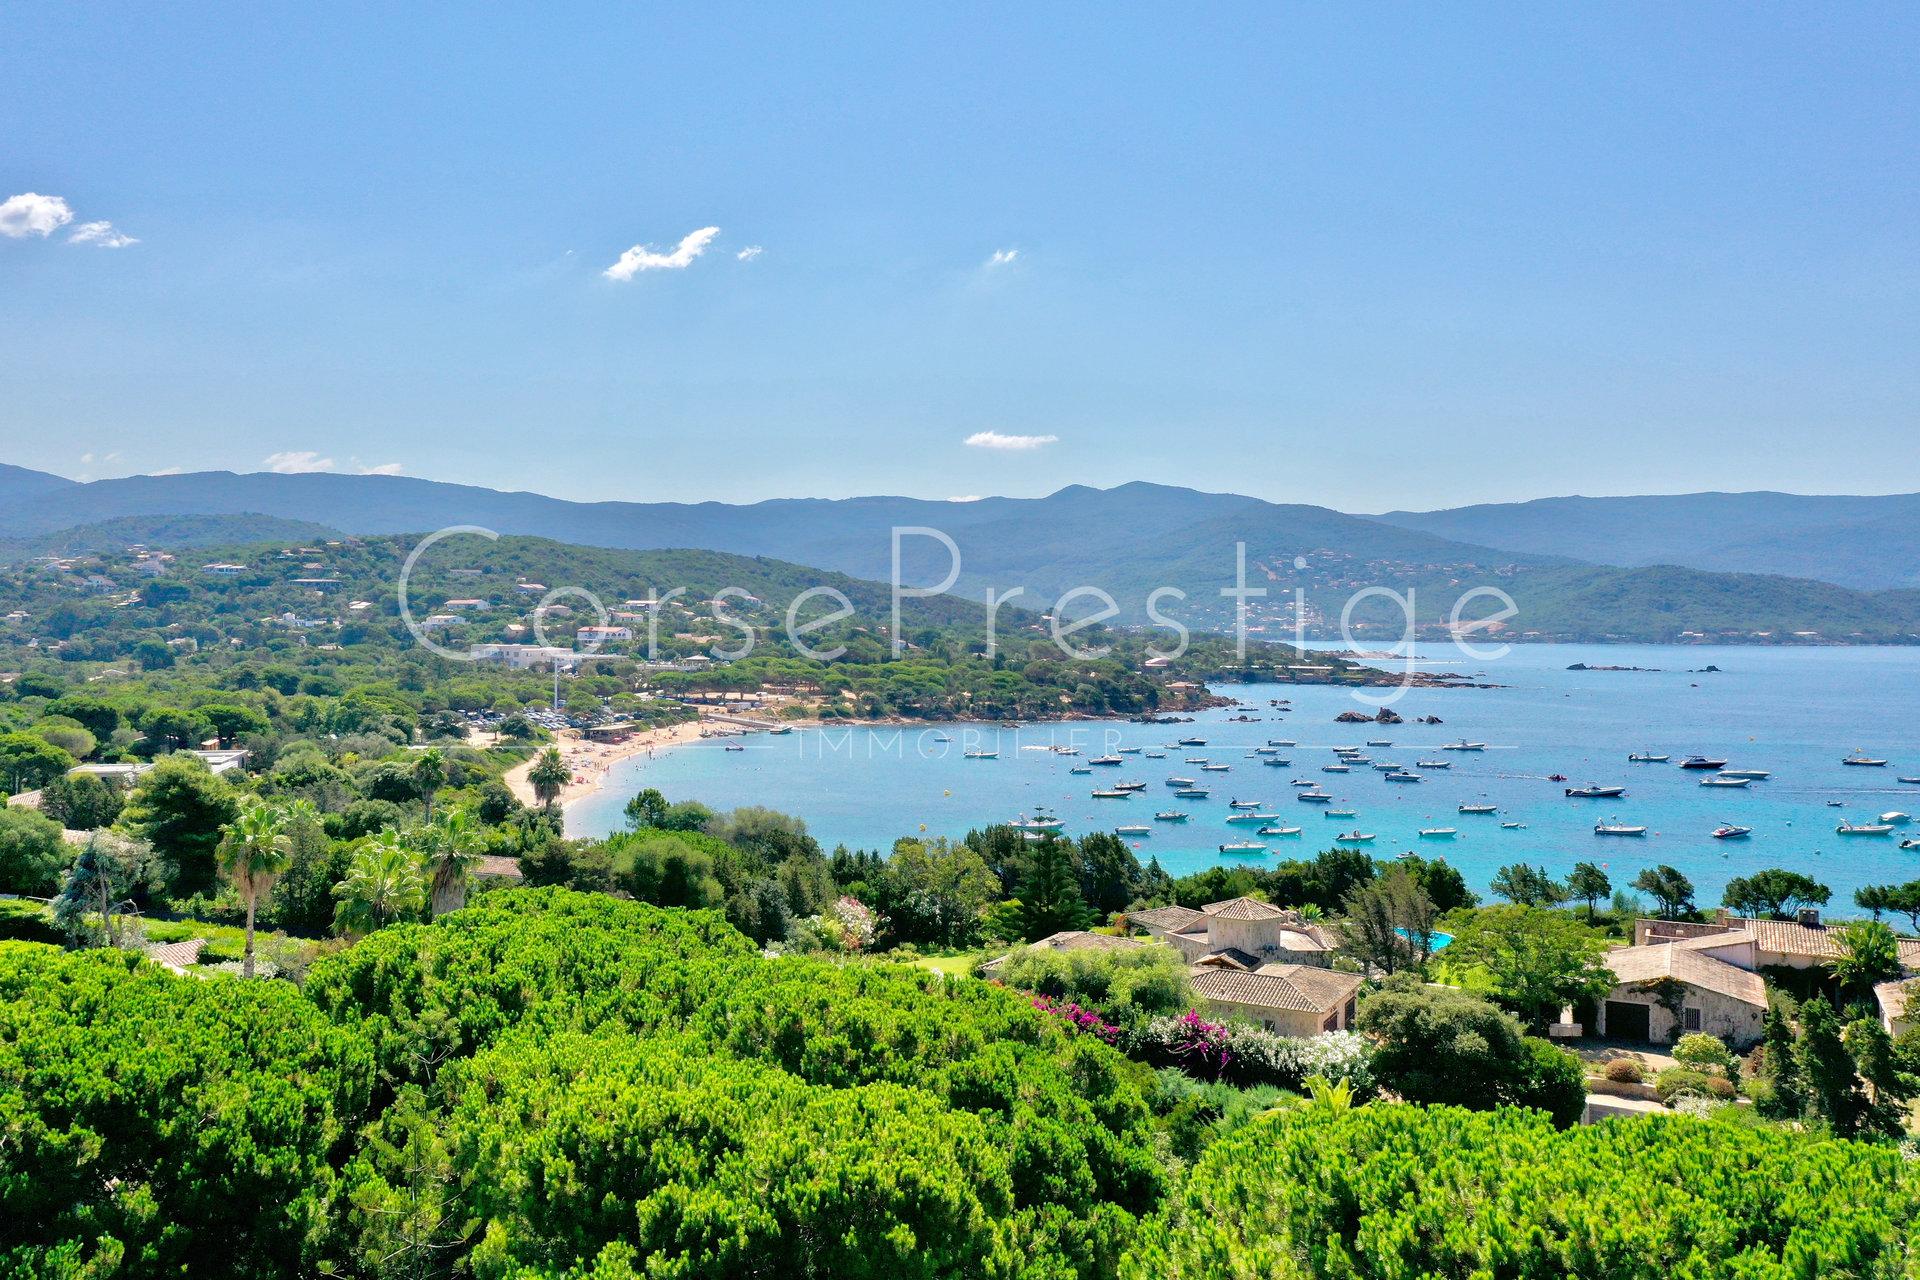 property for sale peninsula d-isolella - private estate image1